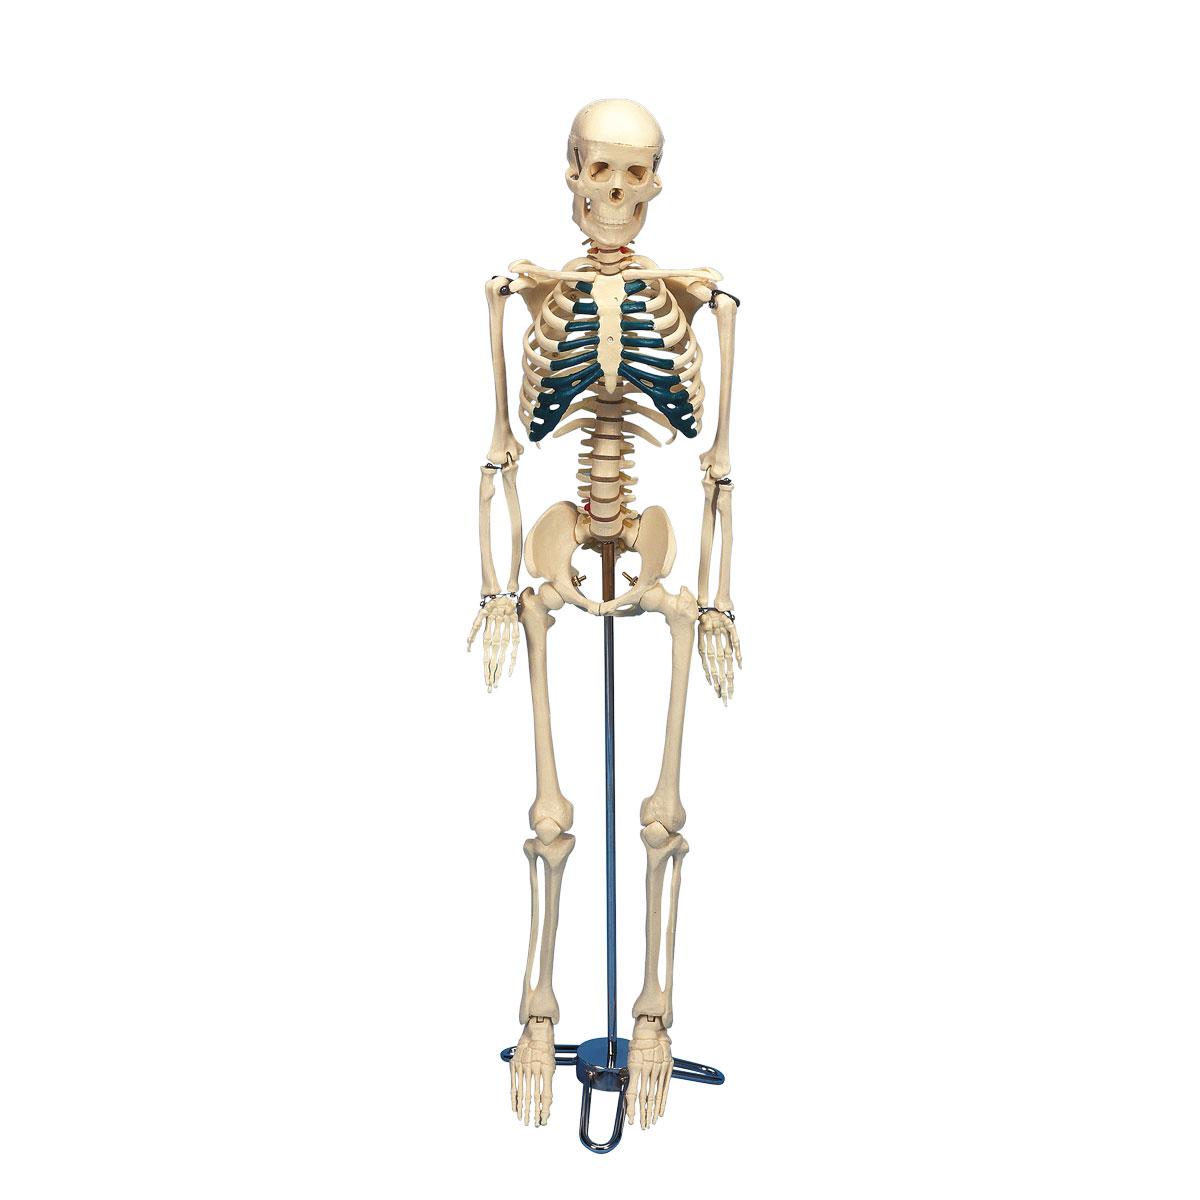 squelette humain de bureau mini 84 cm 1005457 w33000 squelettes humains taille r duite. Black Bedroom Furniture Sets. Home Design Ideas